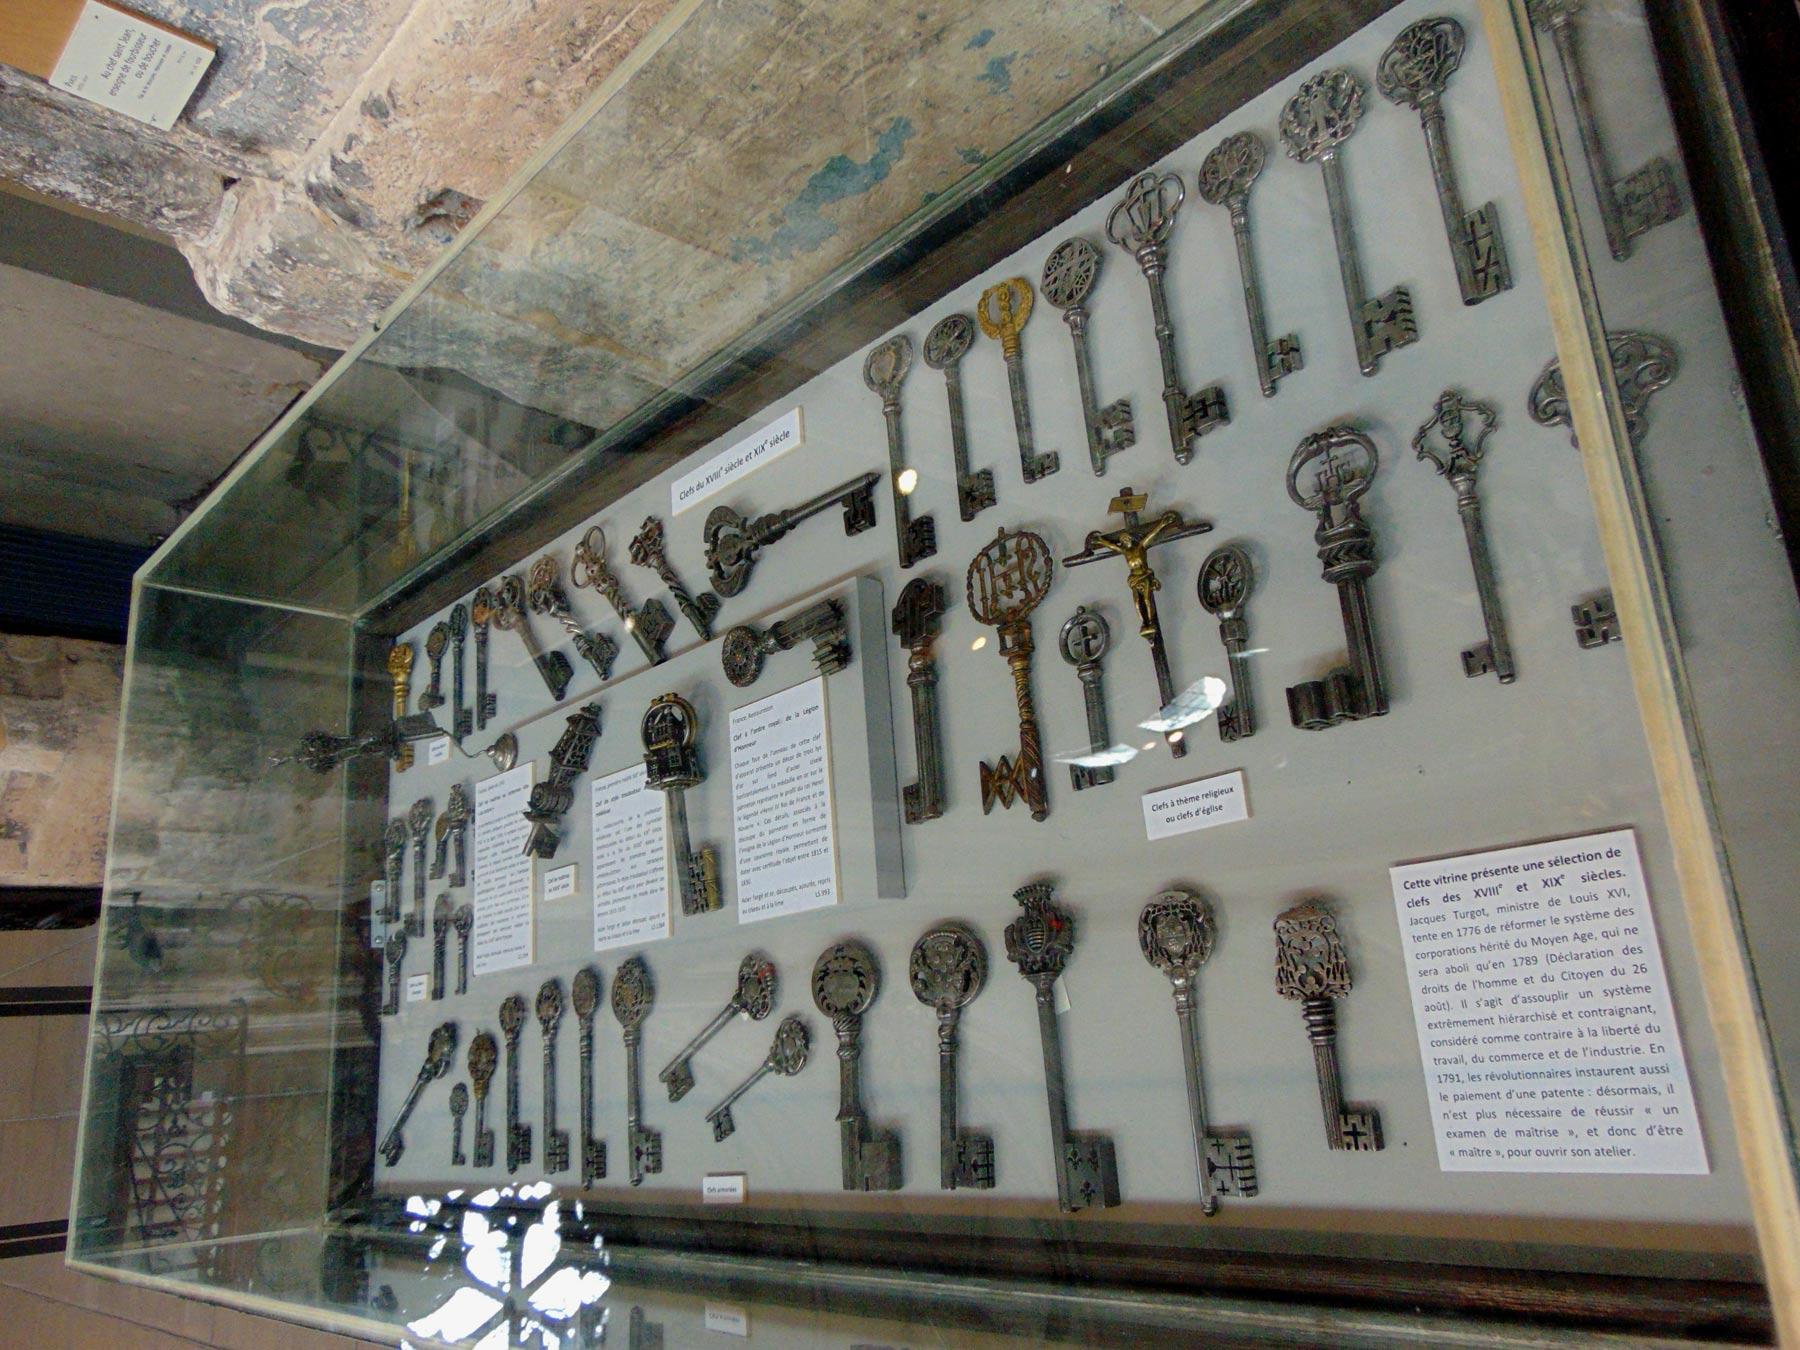 коллекция необычных ключей музея Руана в Нормандии